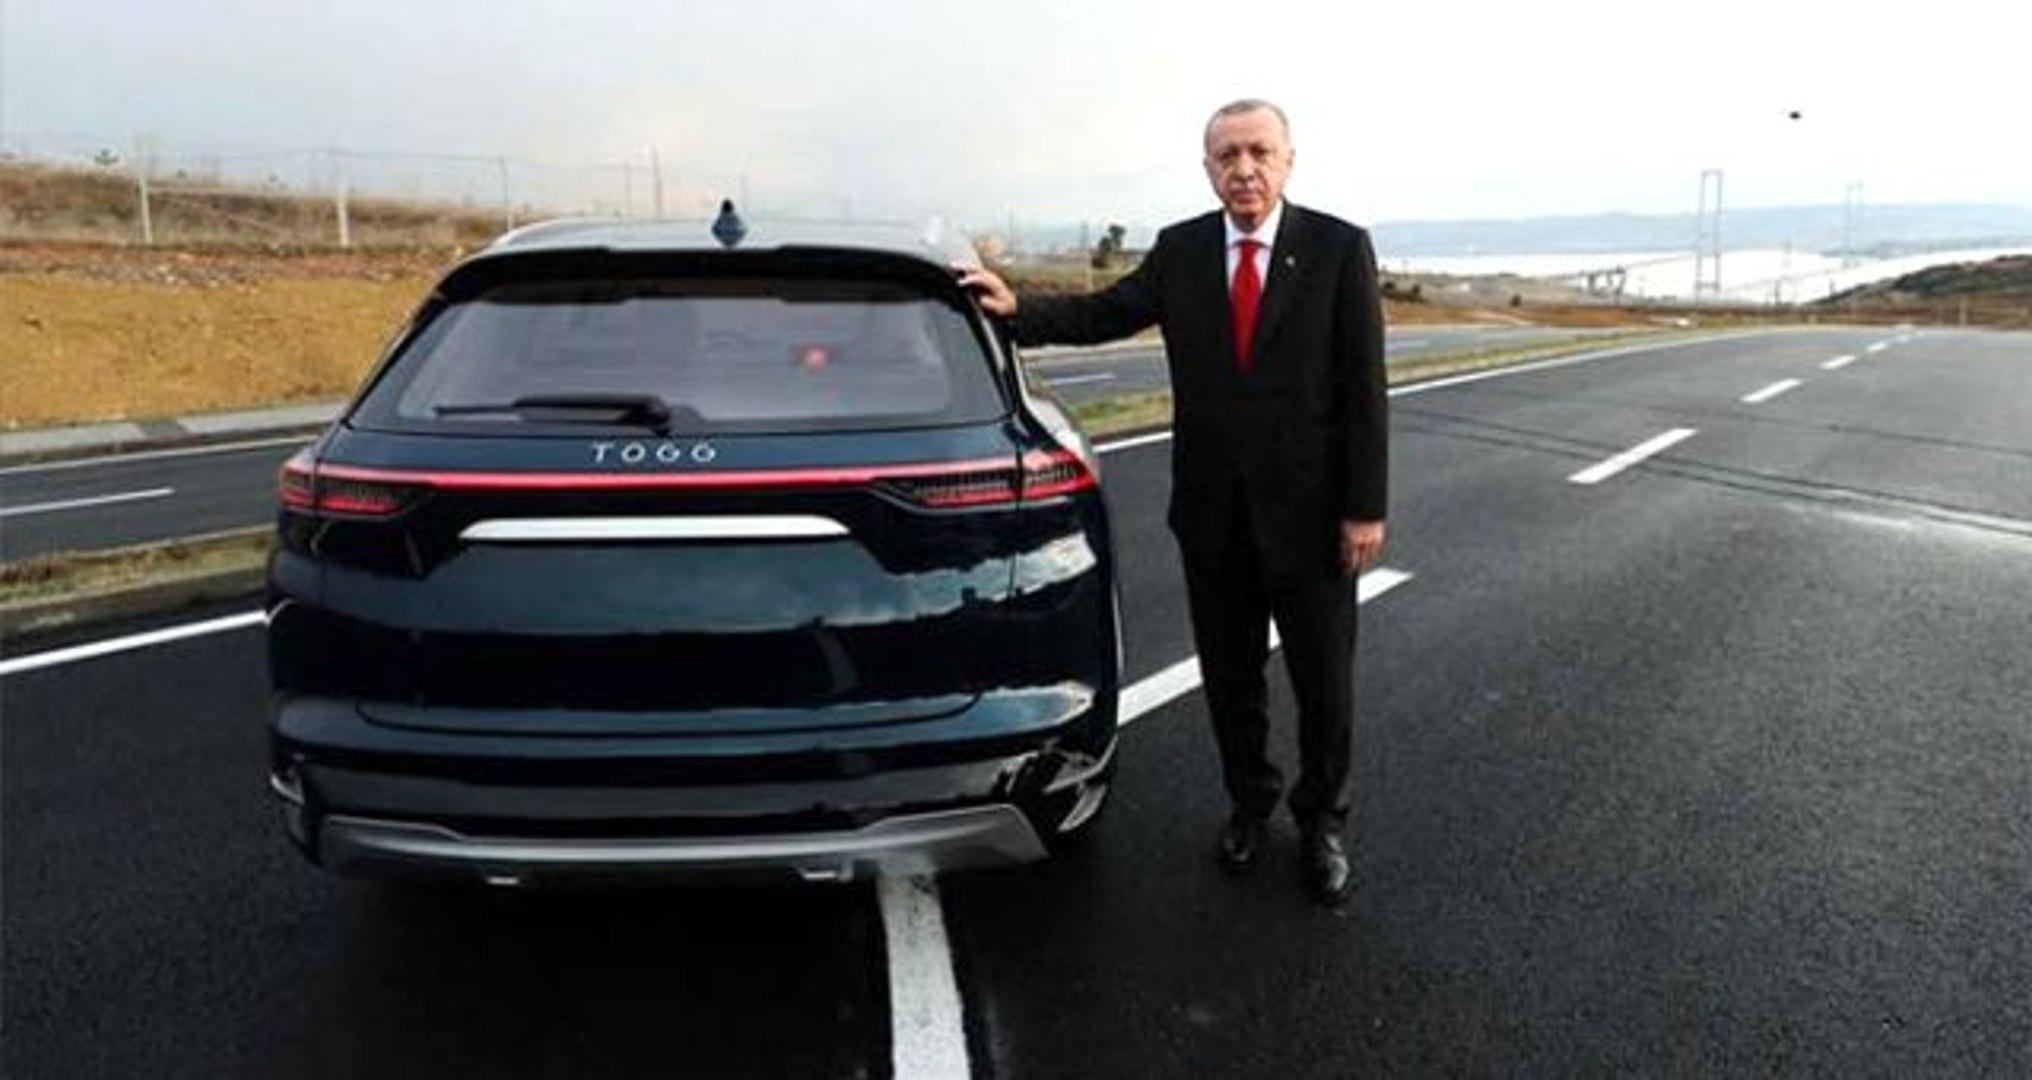 Erdoğan'dan yerli otomobilin fiyatıyla ilgili açıklama: Halkımızın alabileceği bir fiyatta olac